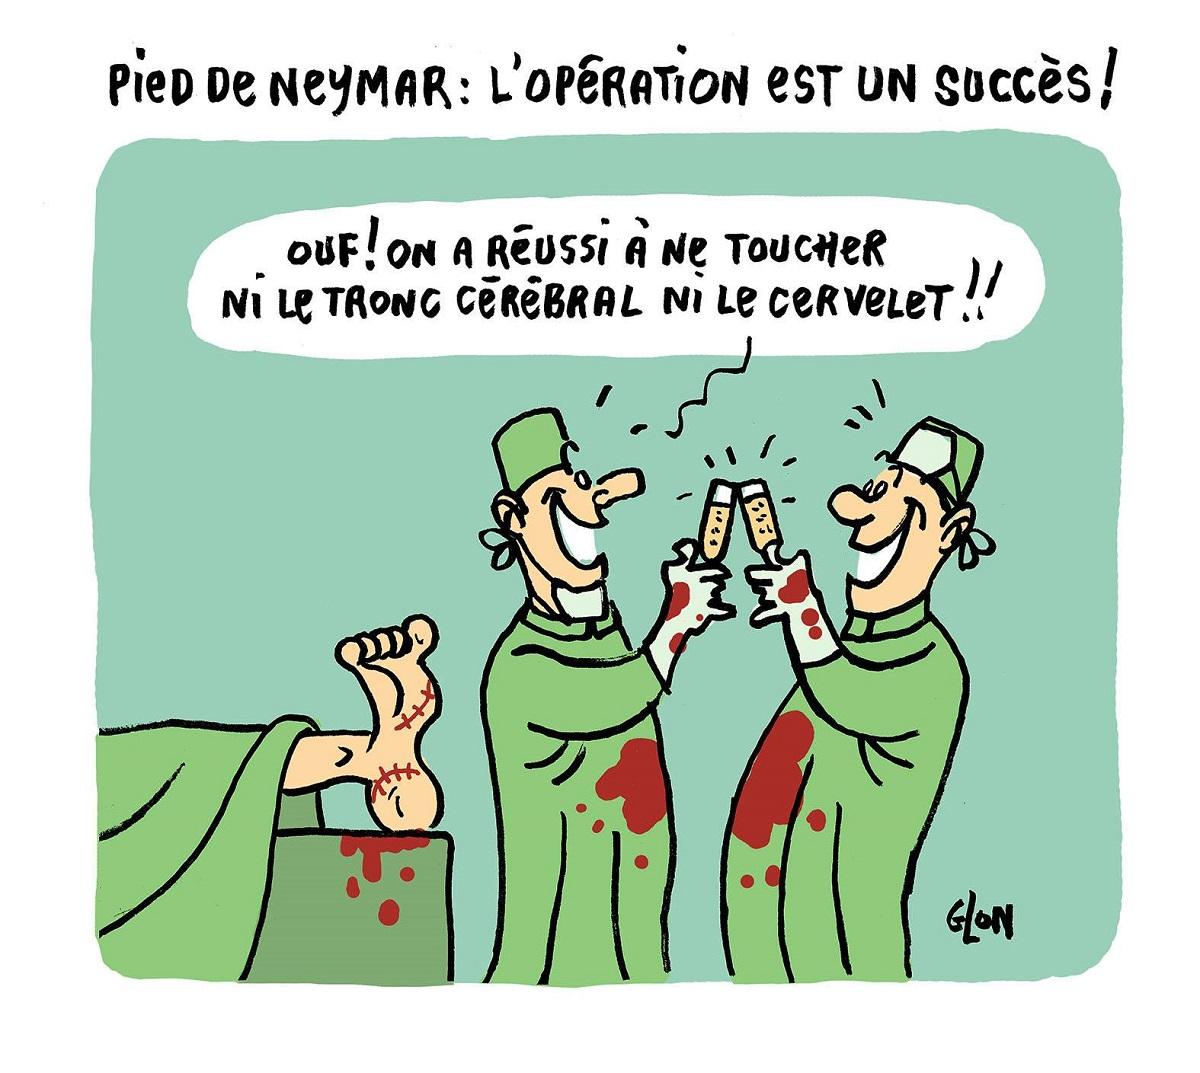 dessin humoristique des chirurgiens qui viennent d'opérer le pied de Neymar